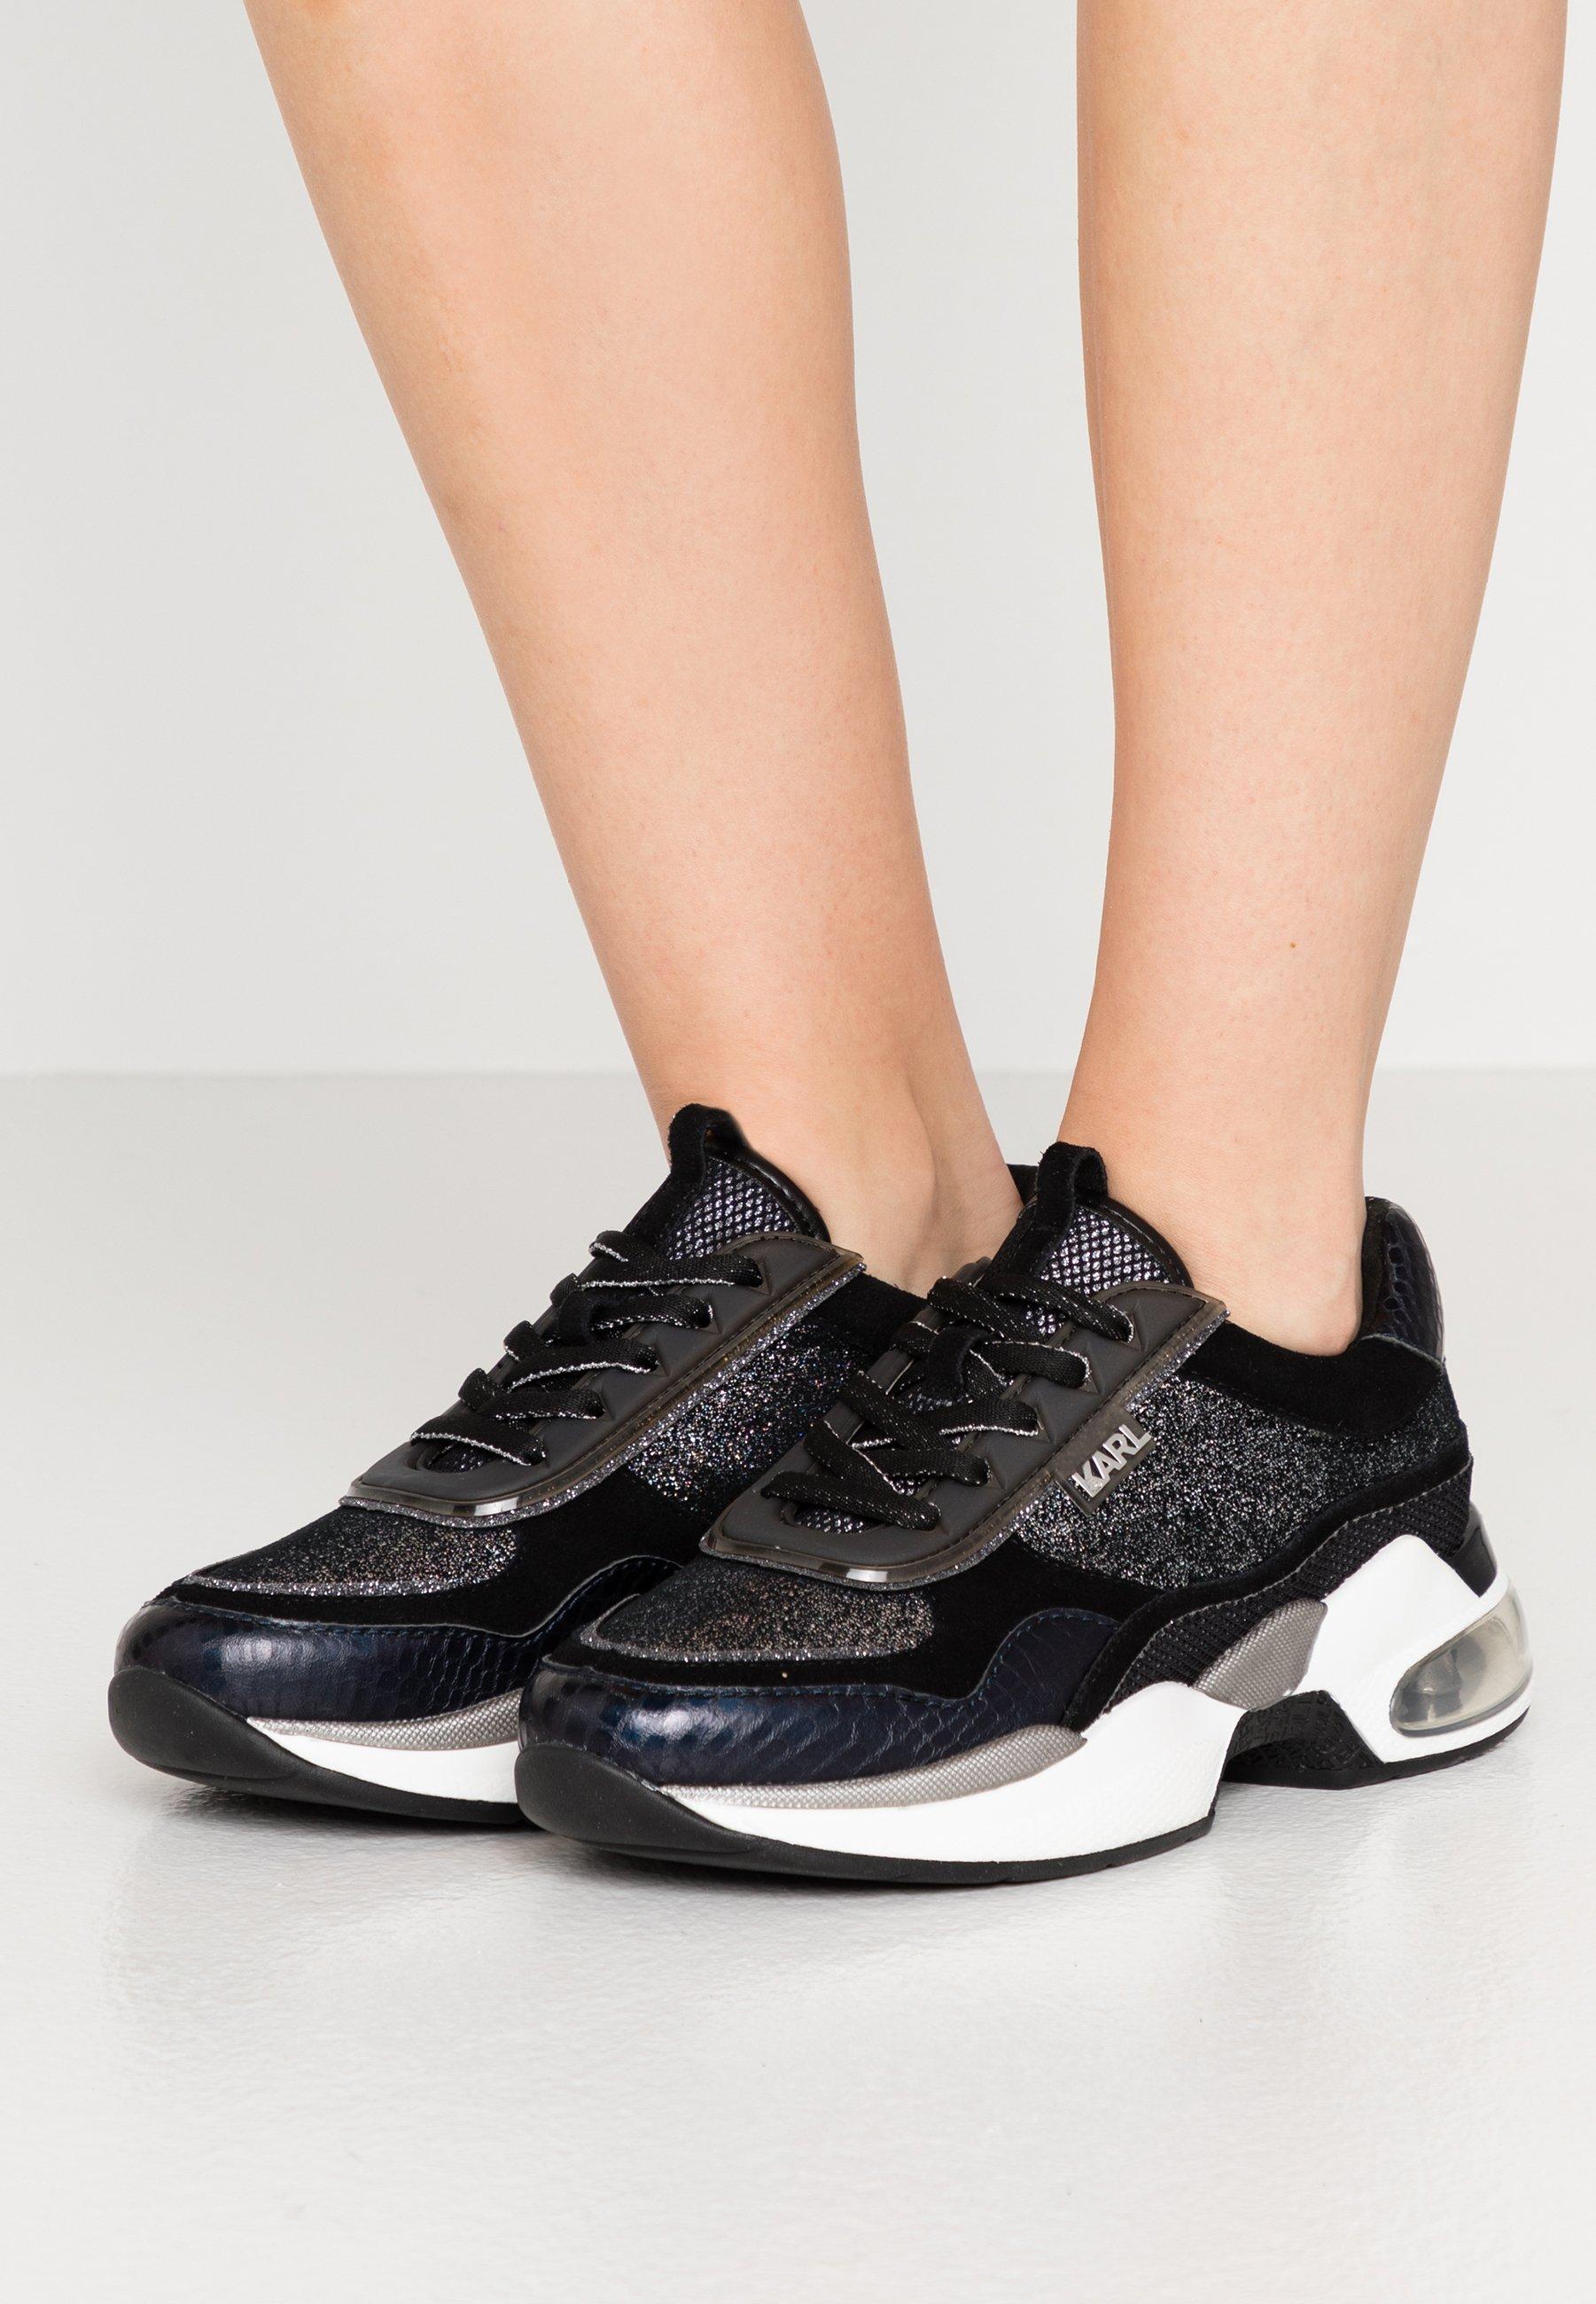 LAZARE GLITZ MIX Sneakers blacksilver